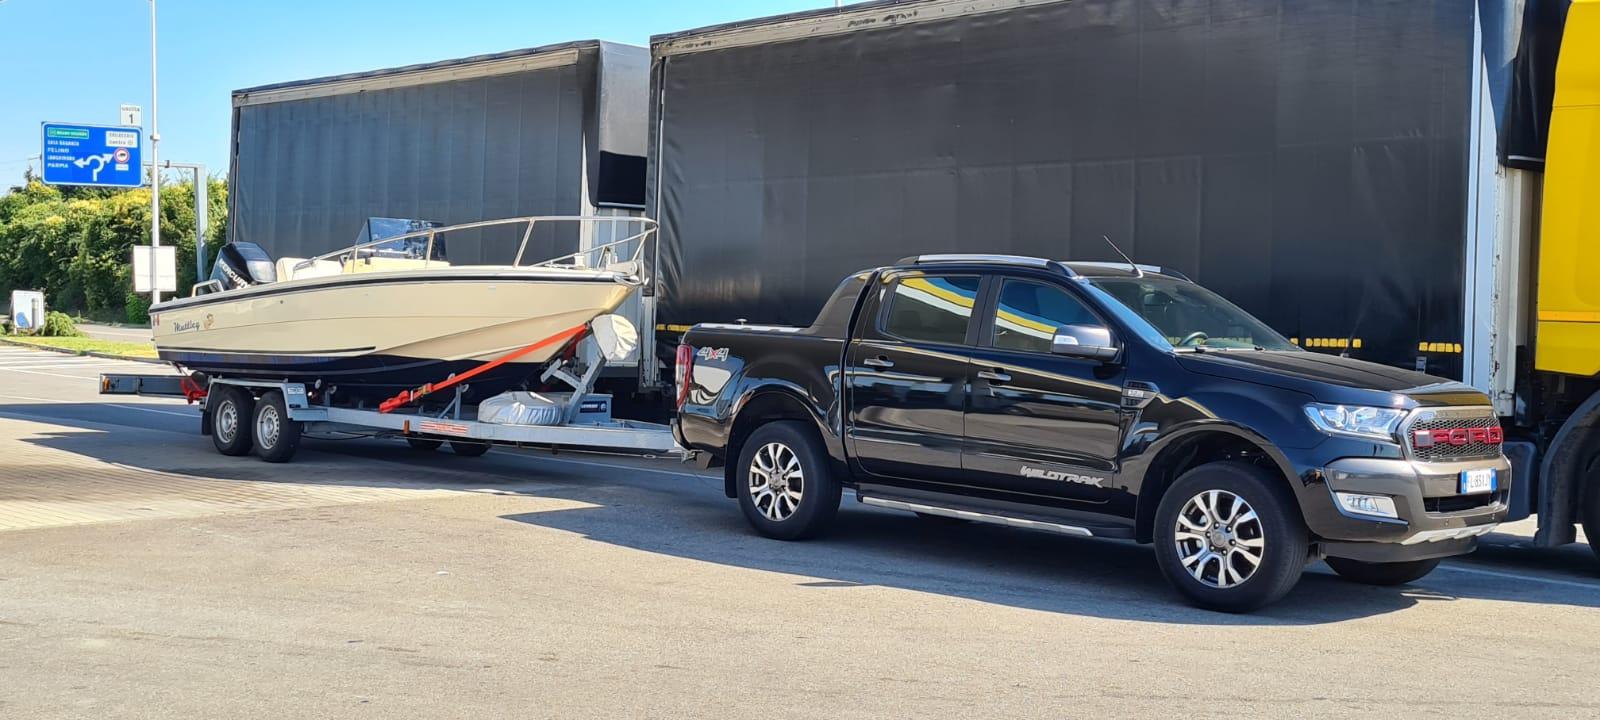 Trasporto piccole imbarcazioni con carrello per auto